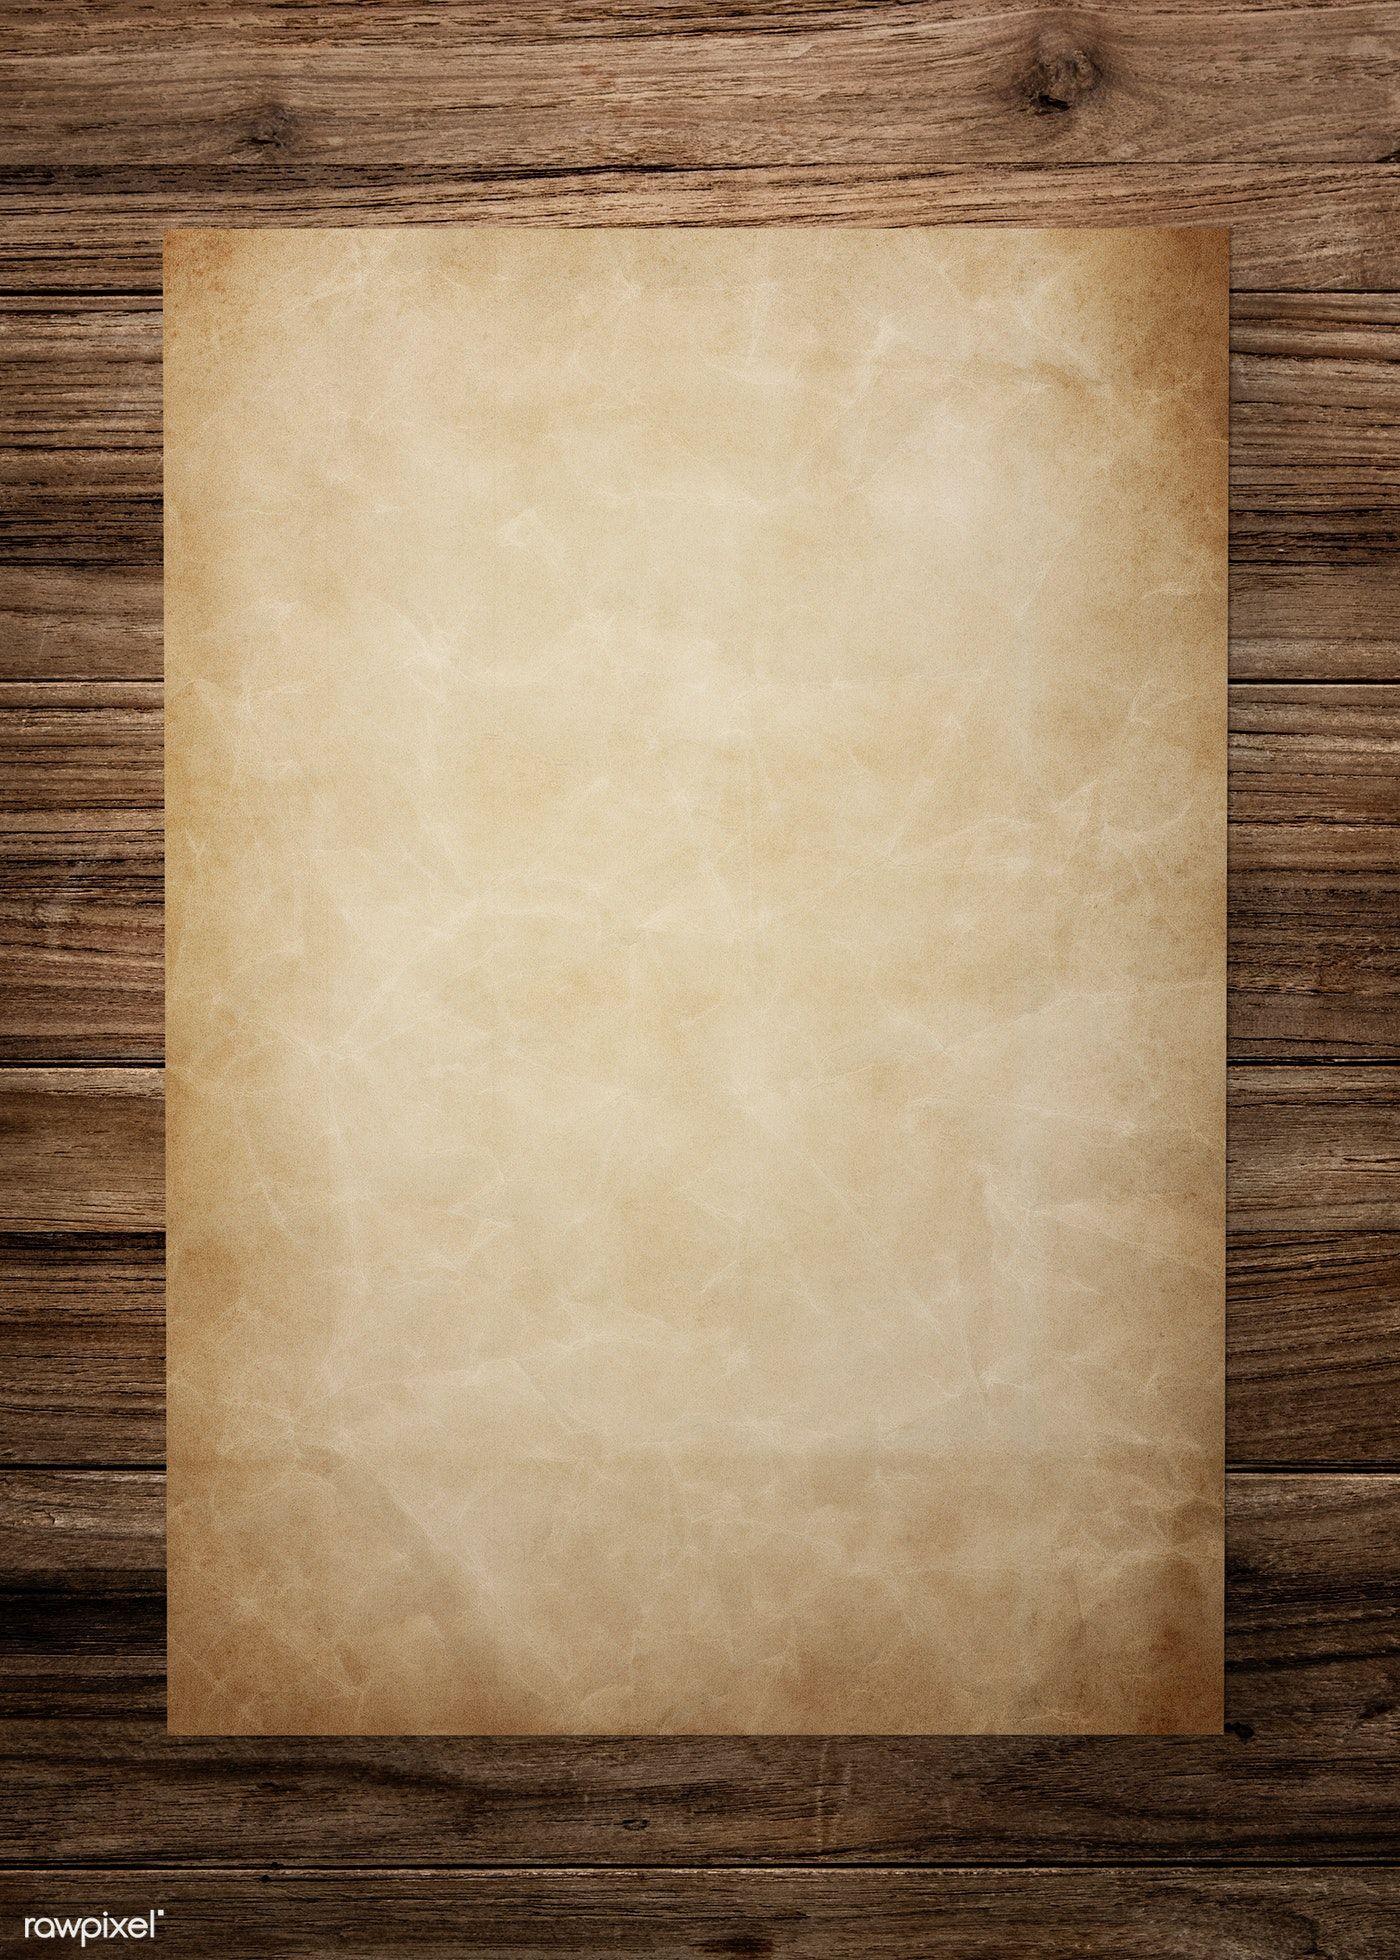 Vintage Brown Paper Textured Mockup Free Image By Rawpixel Com In 2020 Brown Paper Textures Paper Texture Mockup Paper Mockup